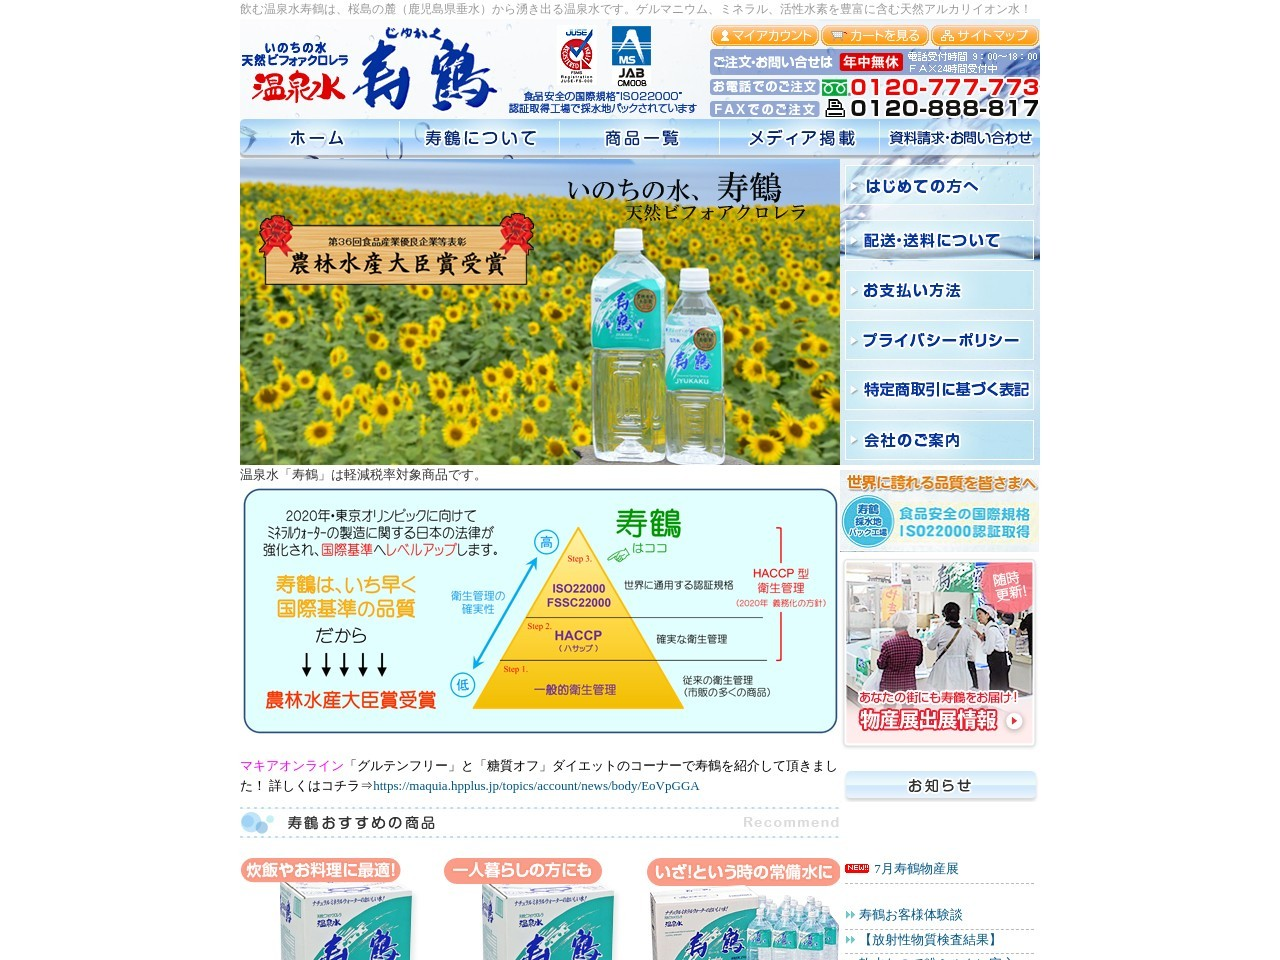 【公式】飲む温泉水『寿鶴』-農林水産大臣賞受賞-